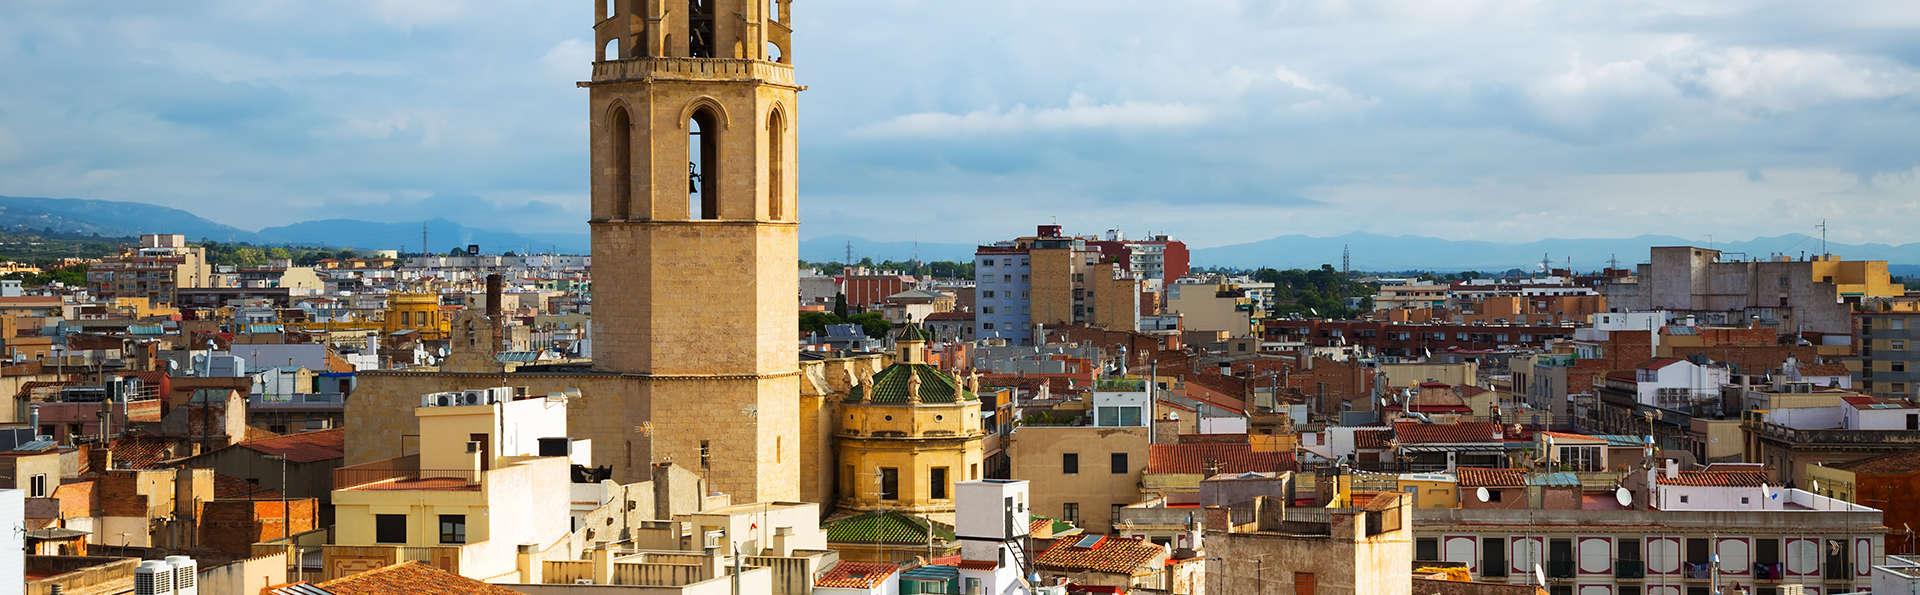 Découvrez la charmante ville de Reus avec logement et petit-déjeuner